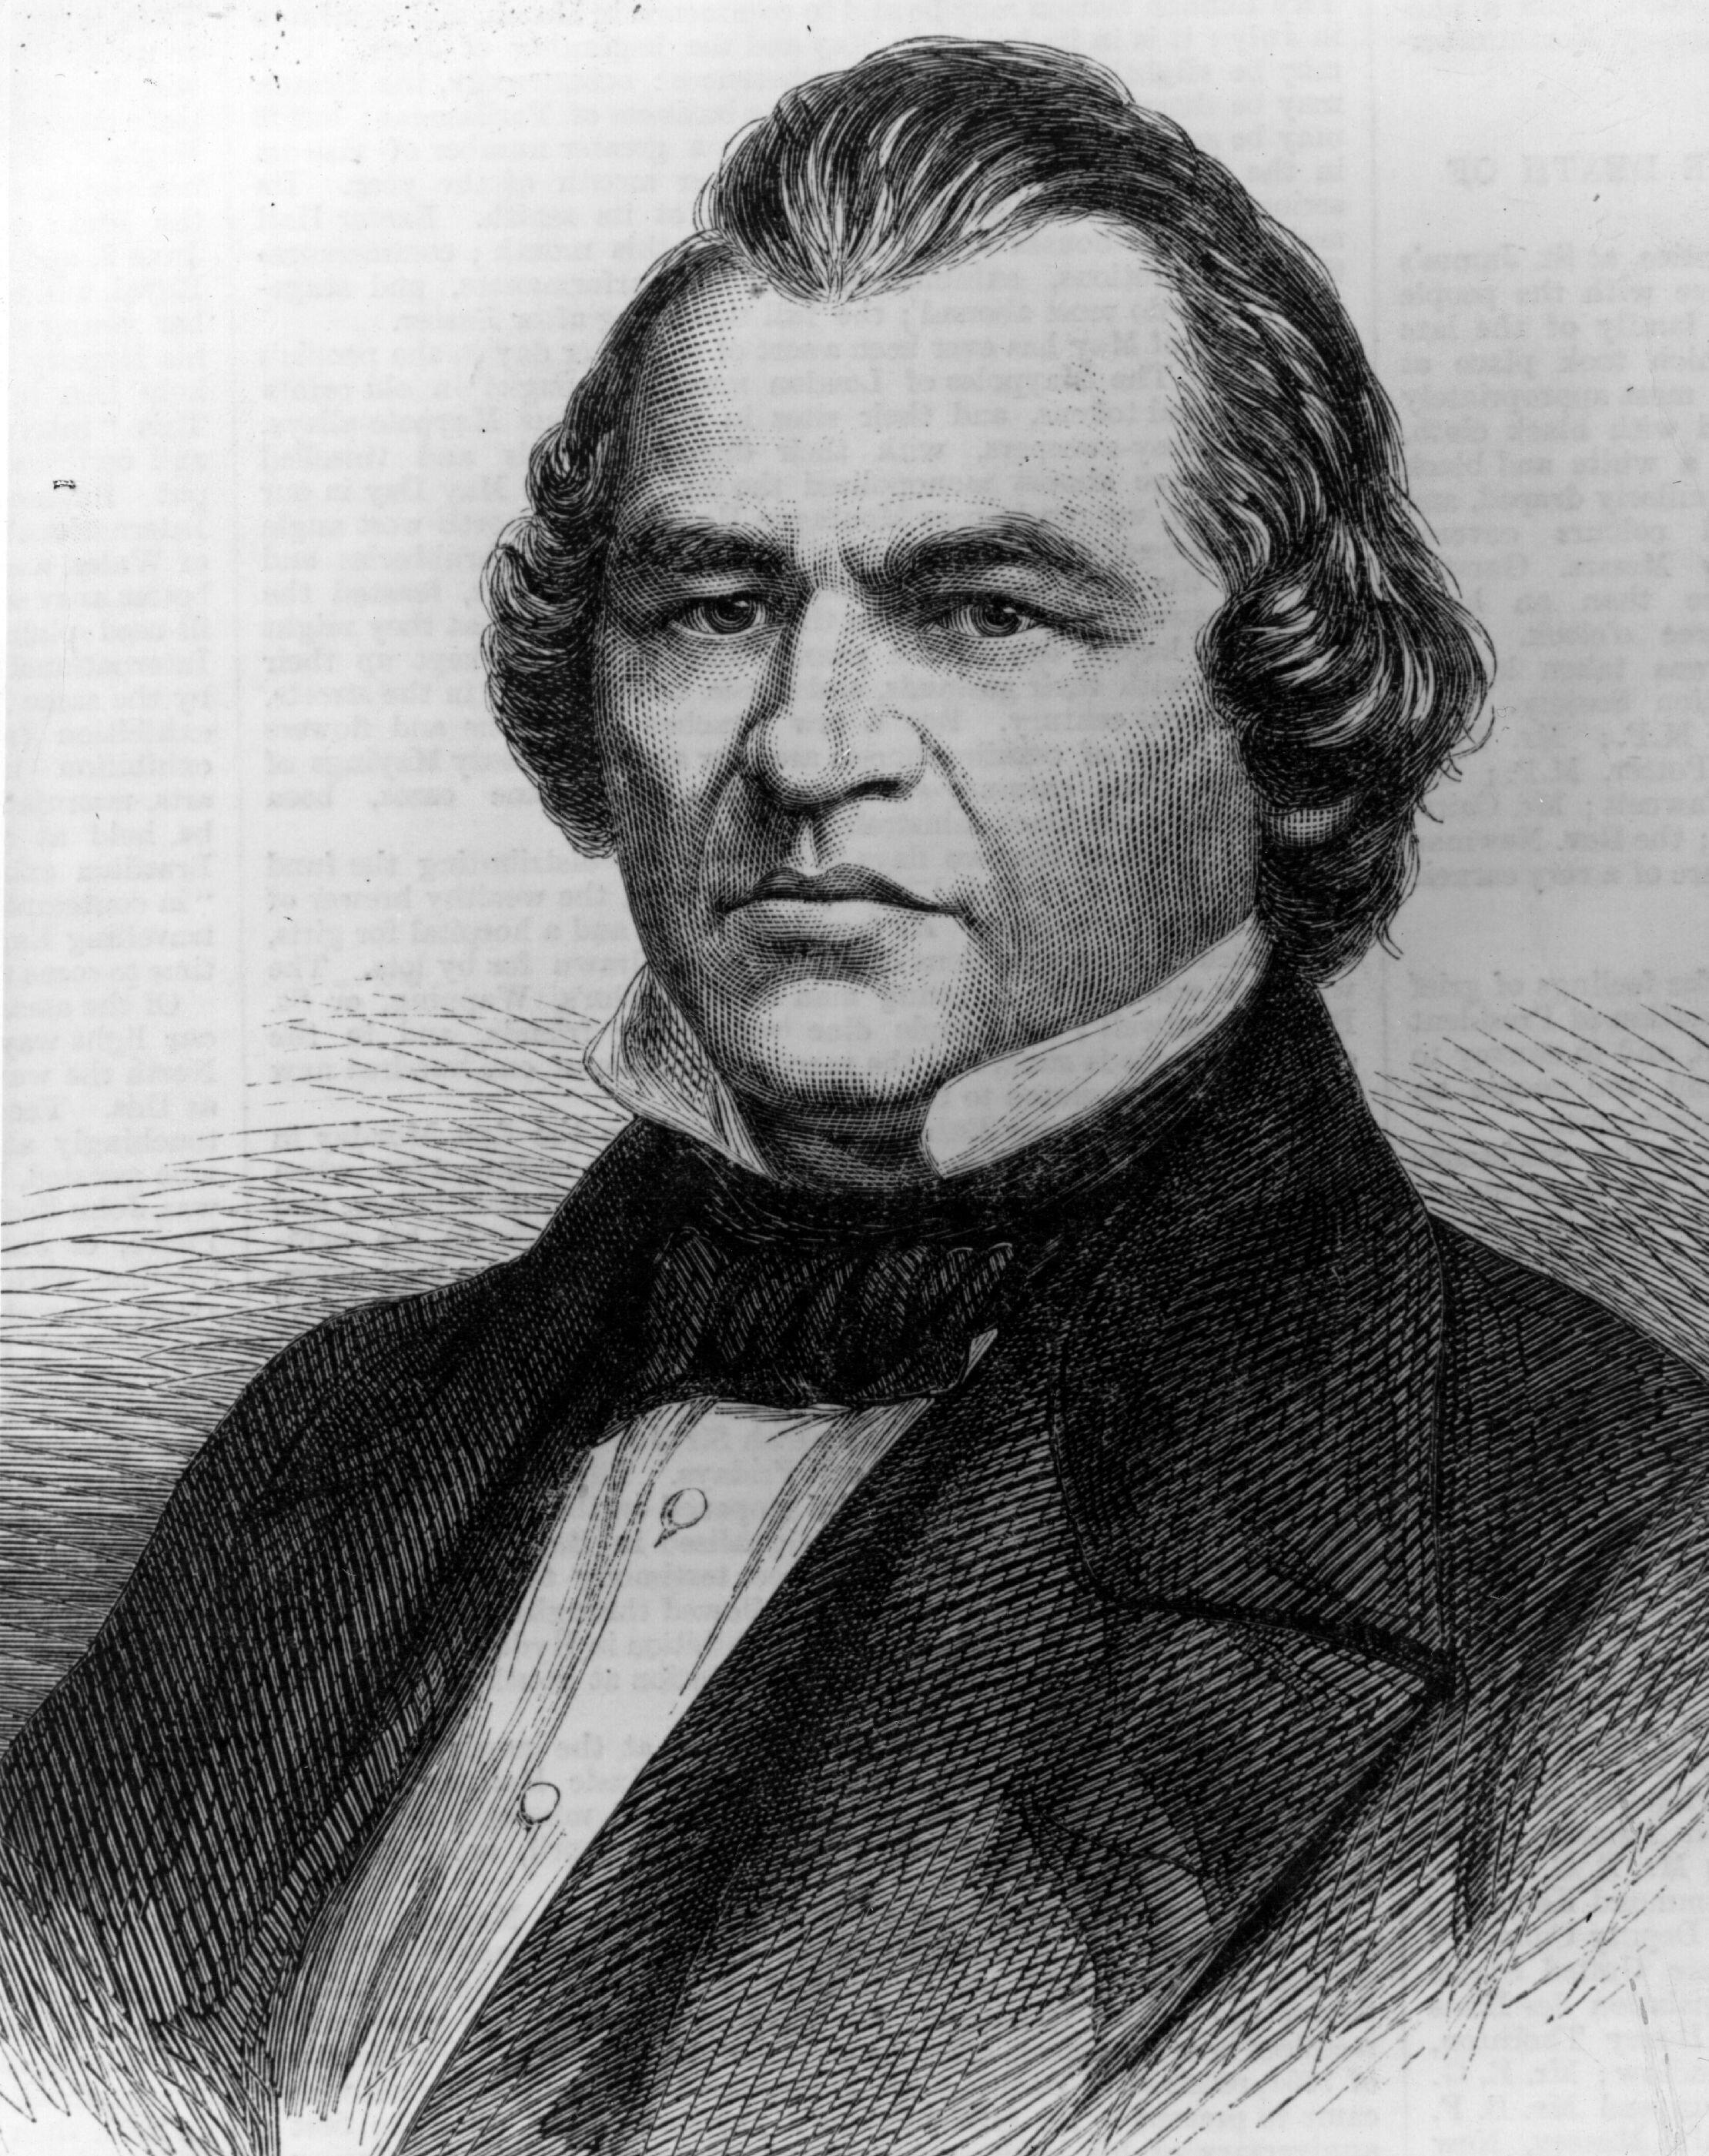 (Portrait d'Andrew Johnson (1808 - 1875). Photo par Hulton Archive/Getty